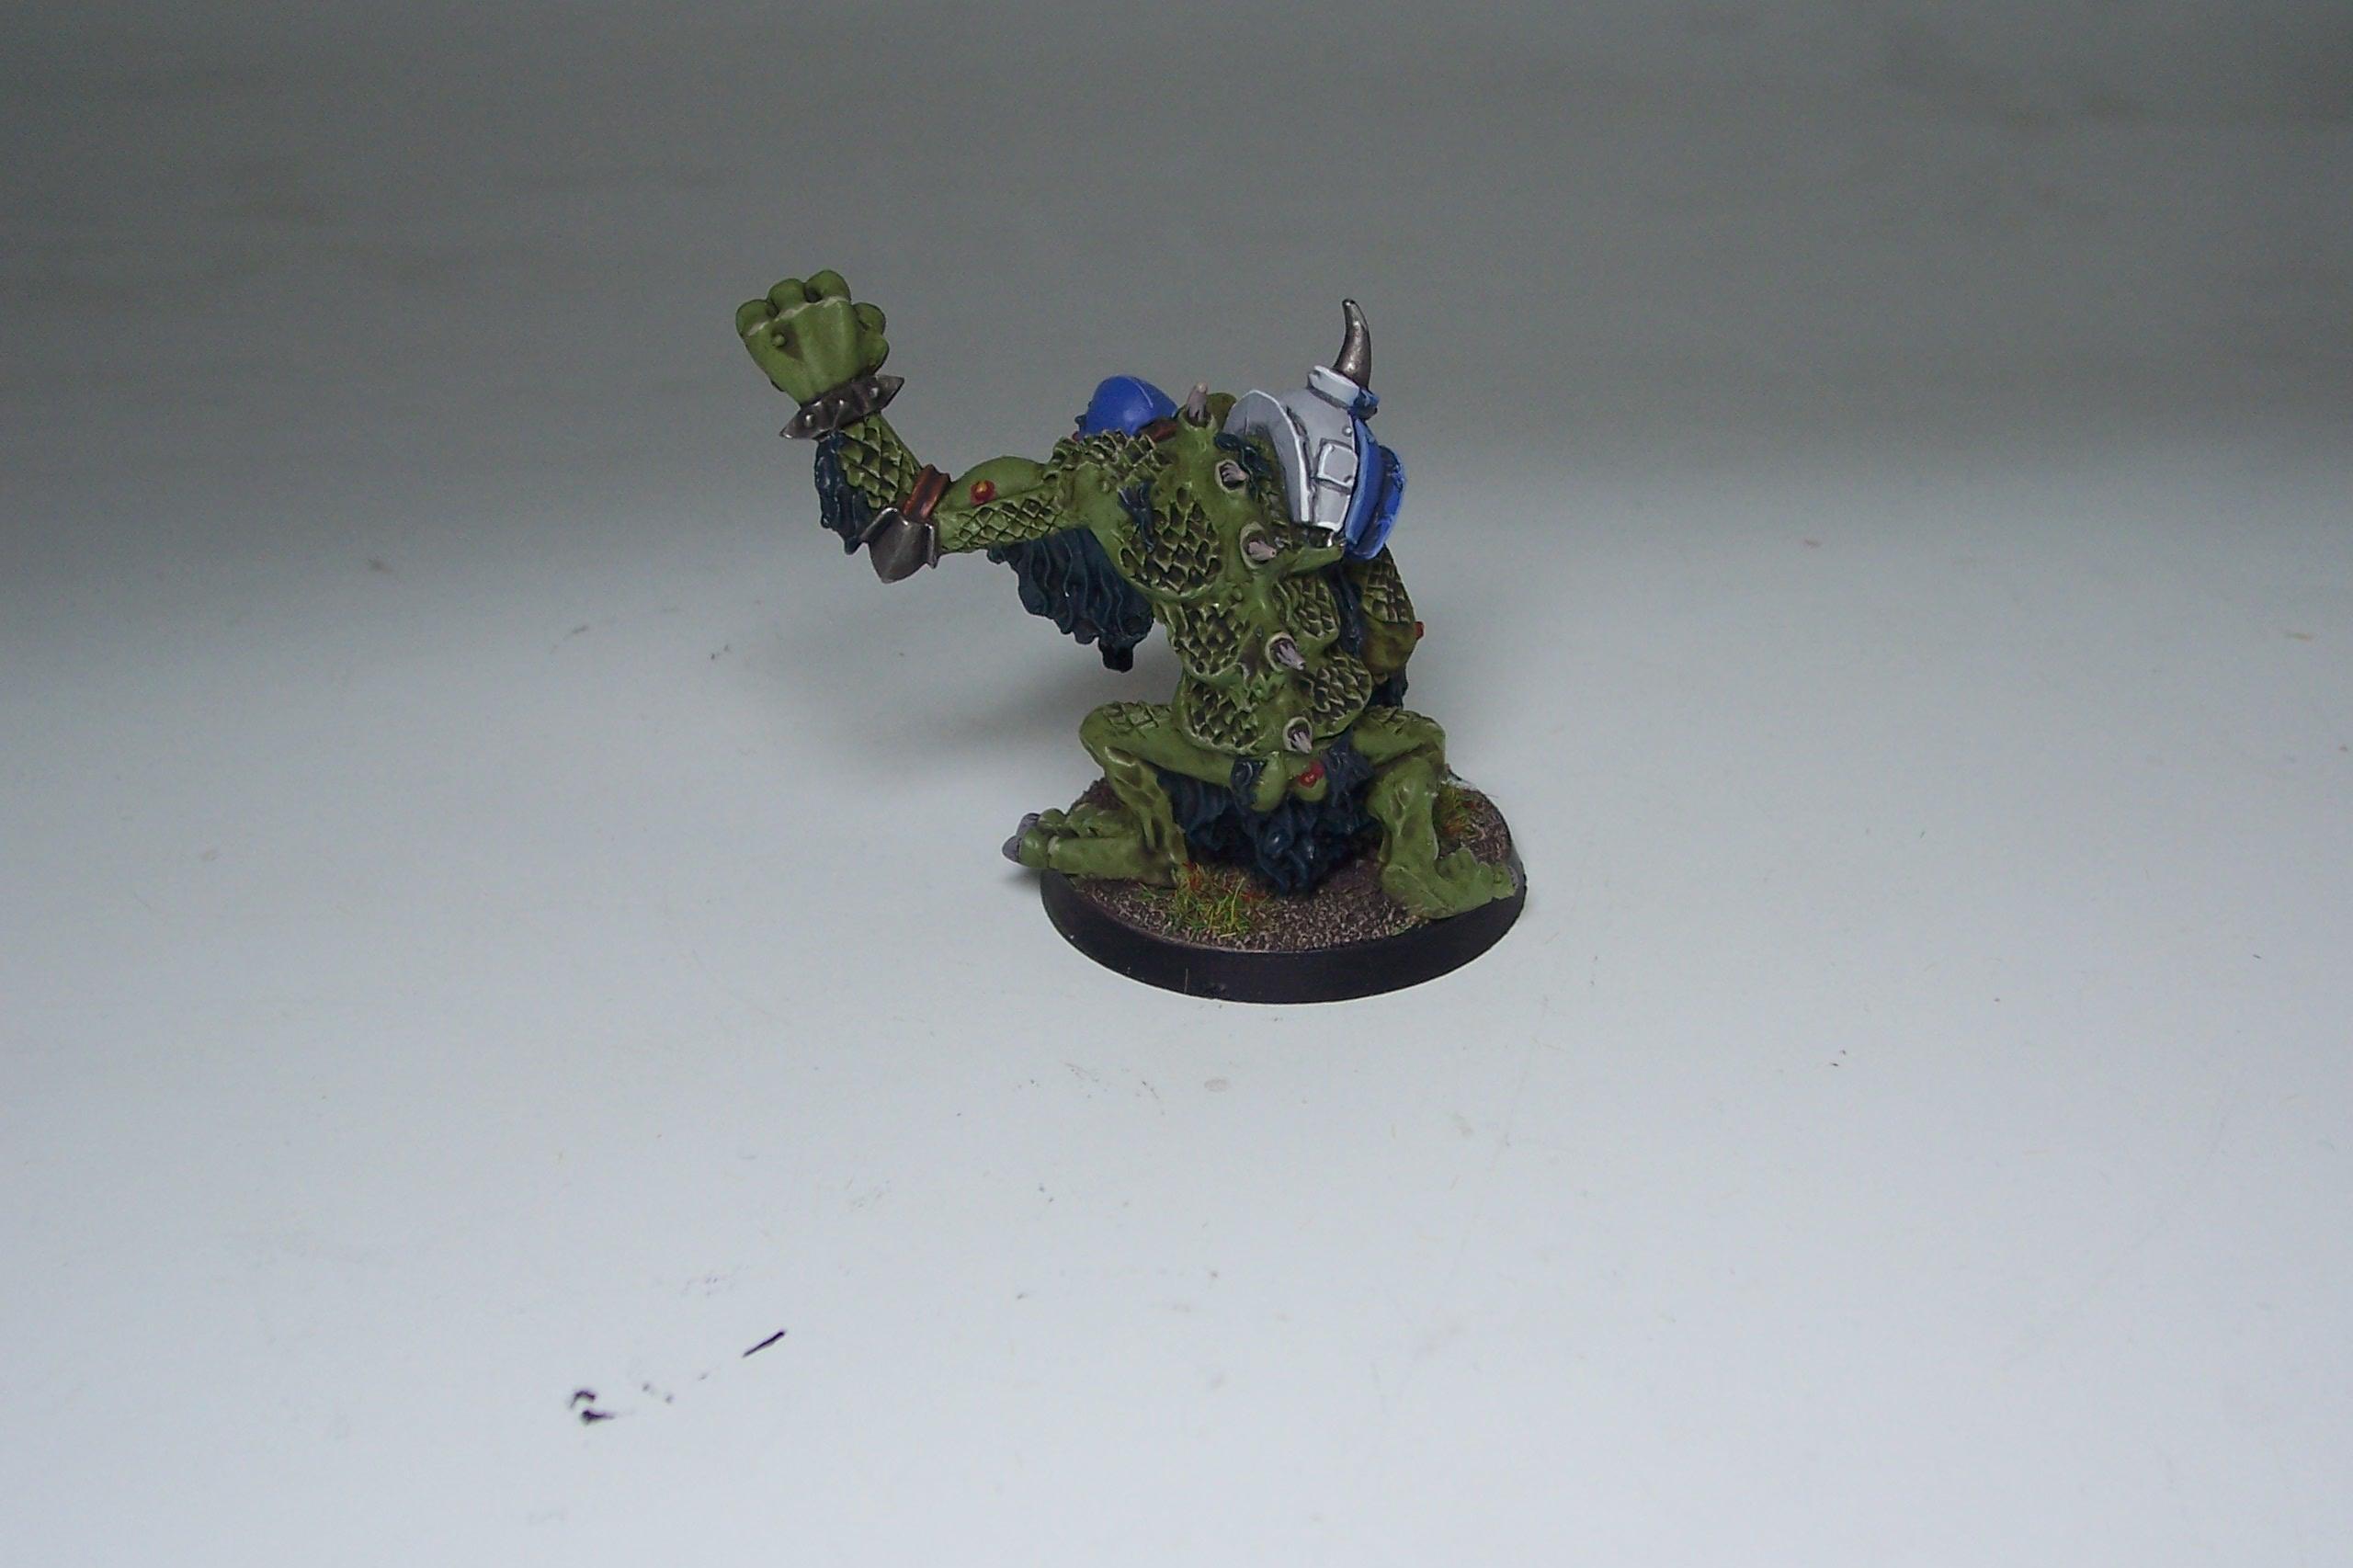 River troll 2